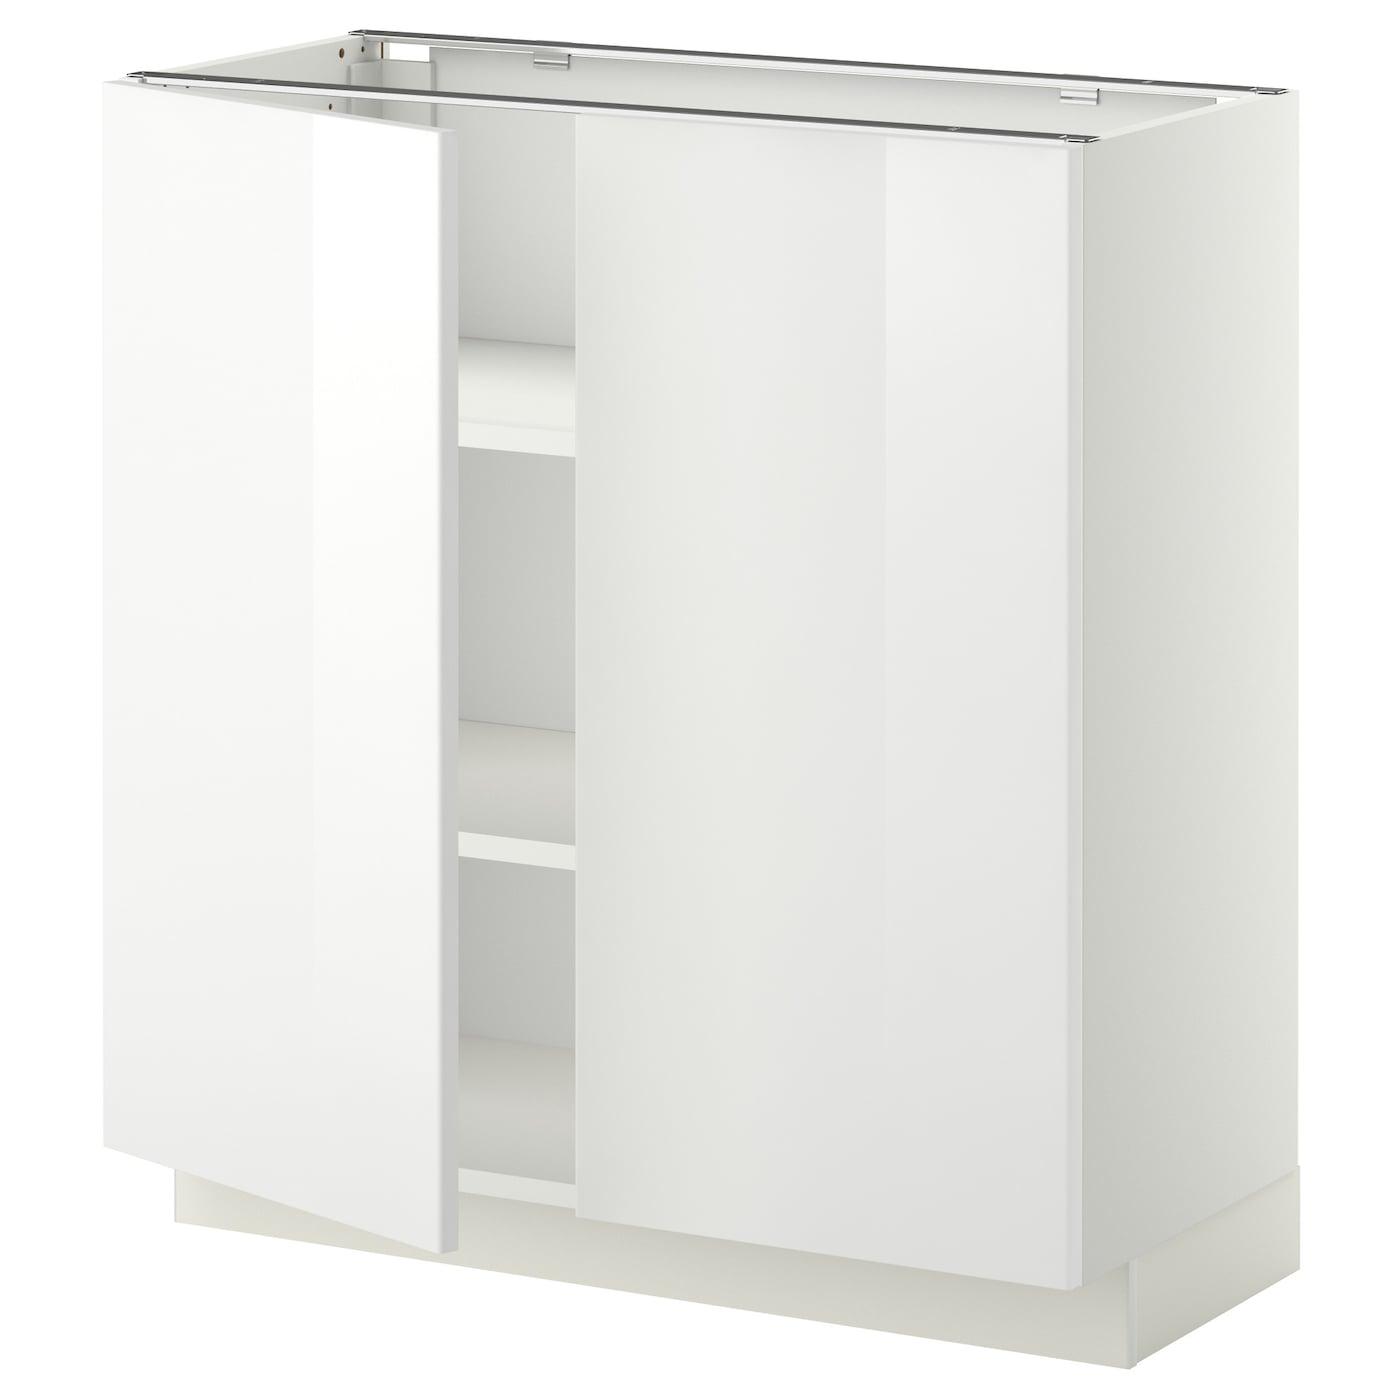 Ringhult Door High Gloss White 60 X 80 Cm: METOD Base Cabinet With Shelves/2 Doors White/ringhult